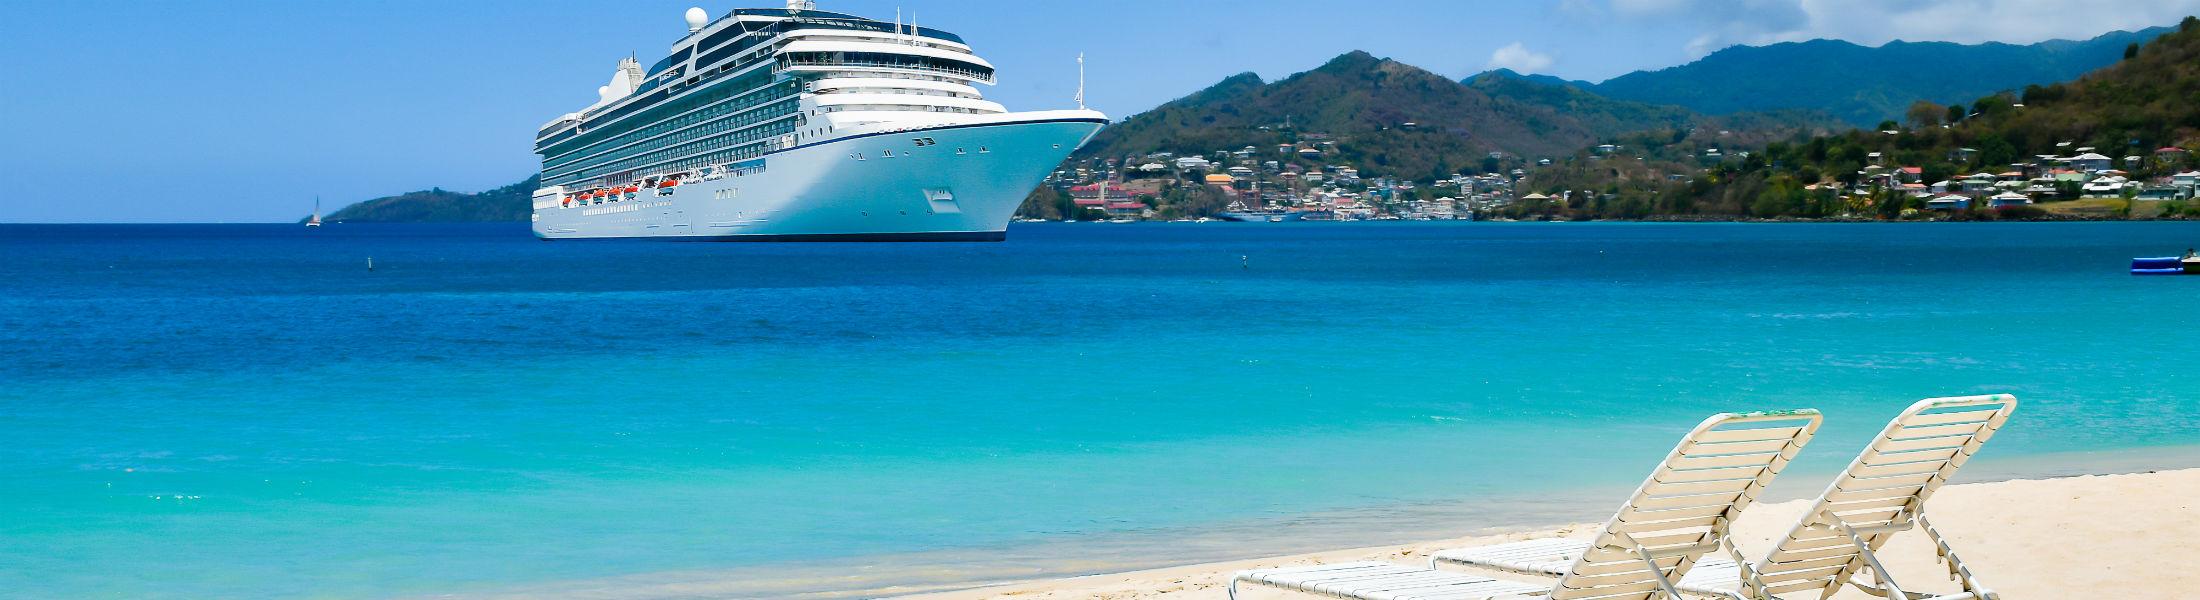 Caribbean Sea St,lucia